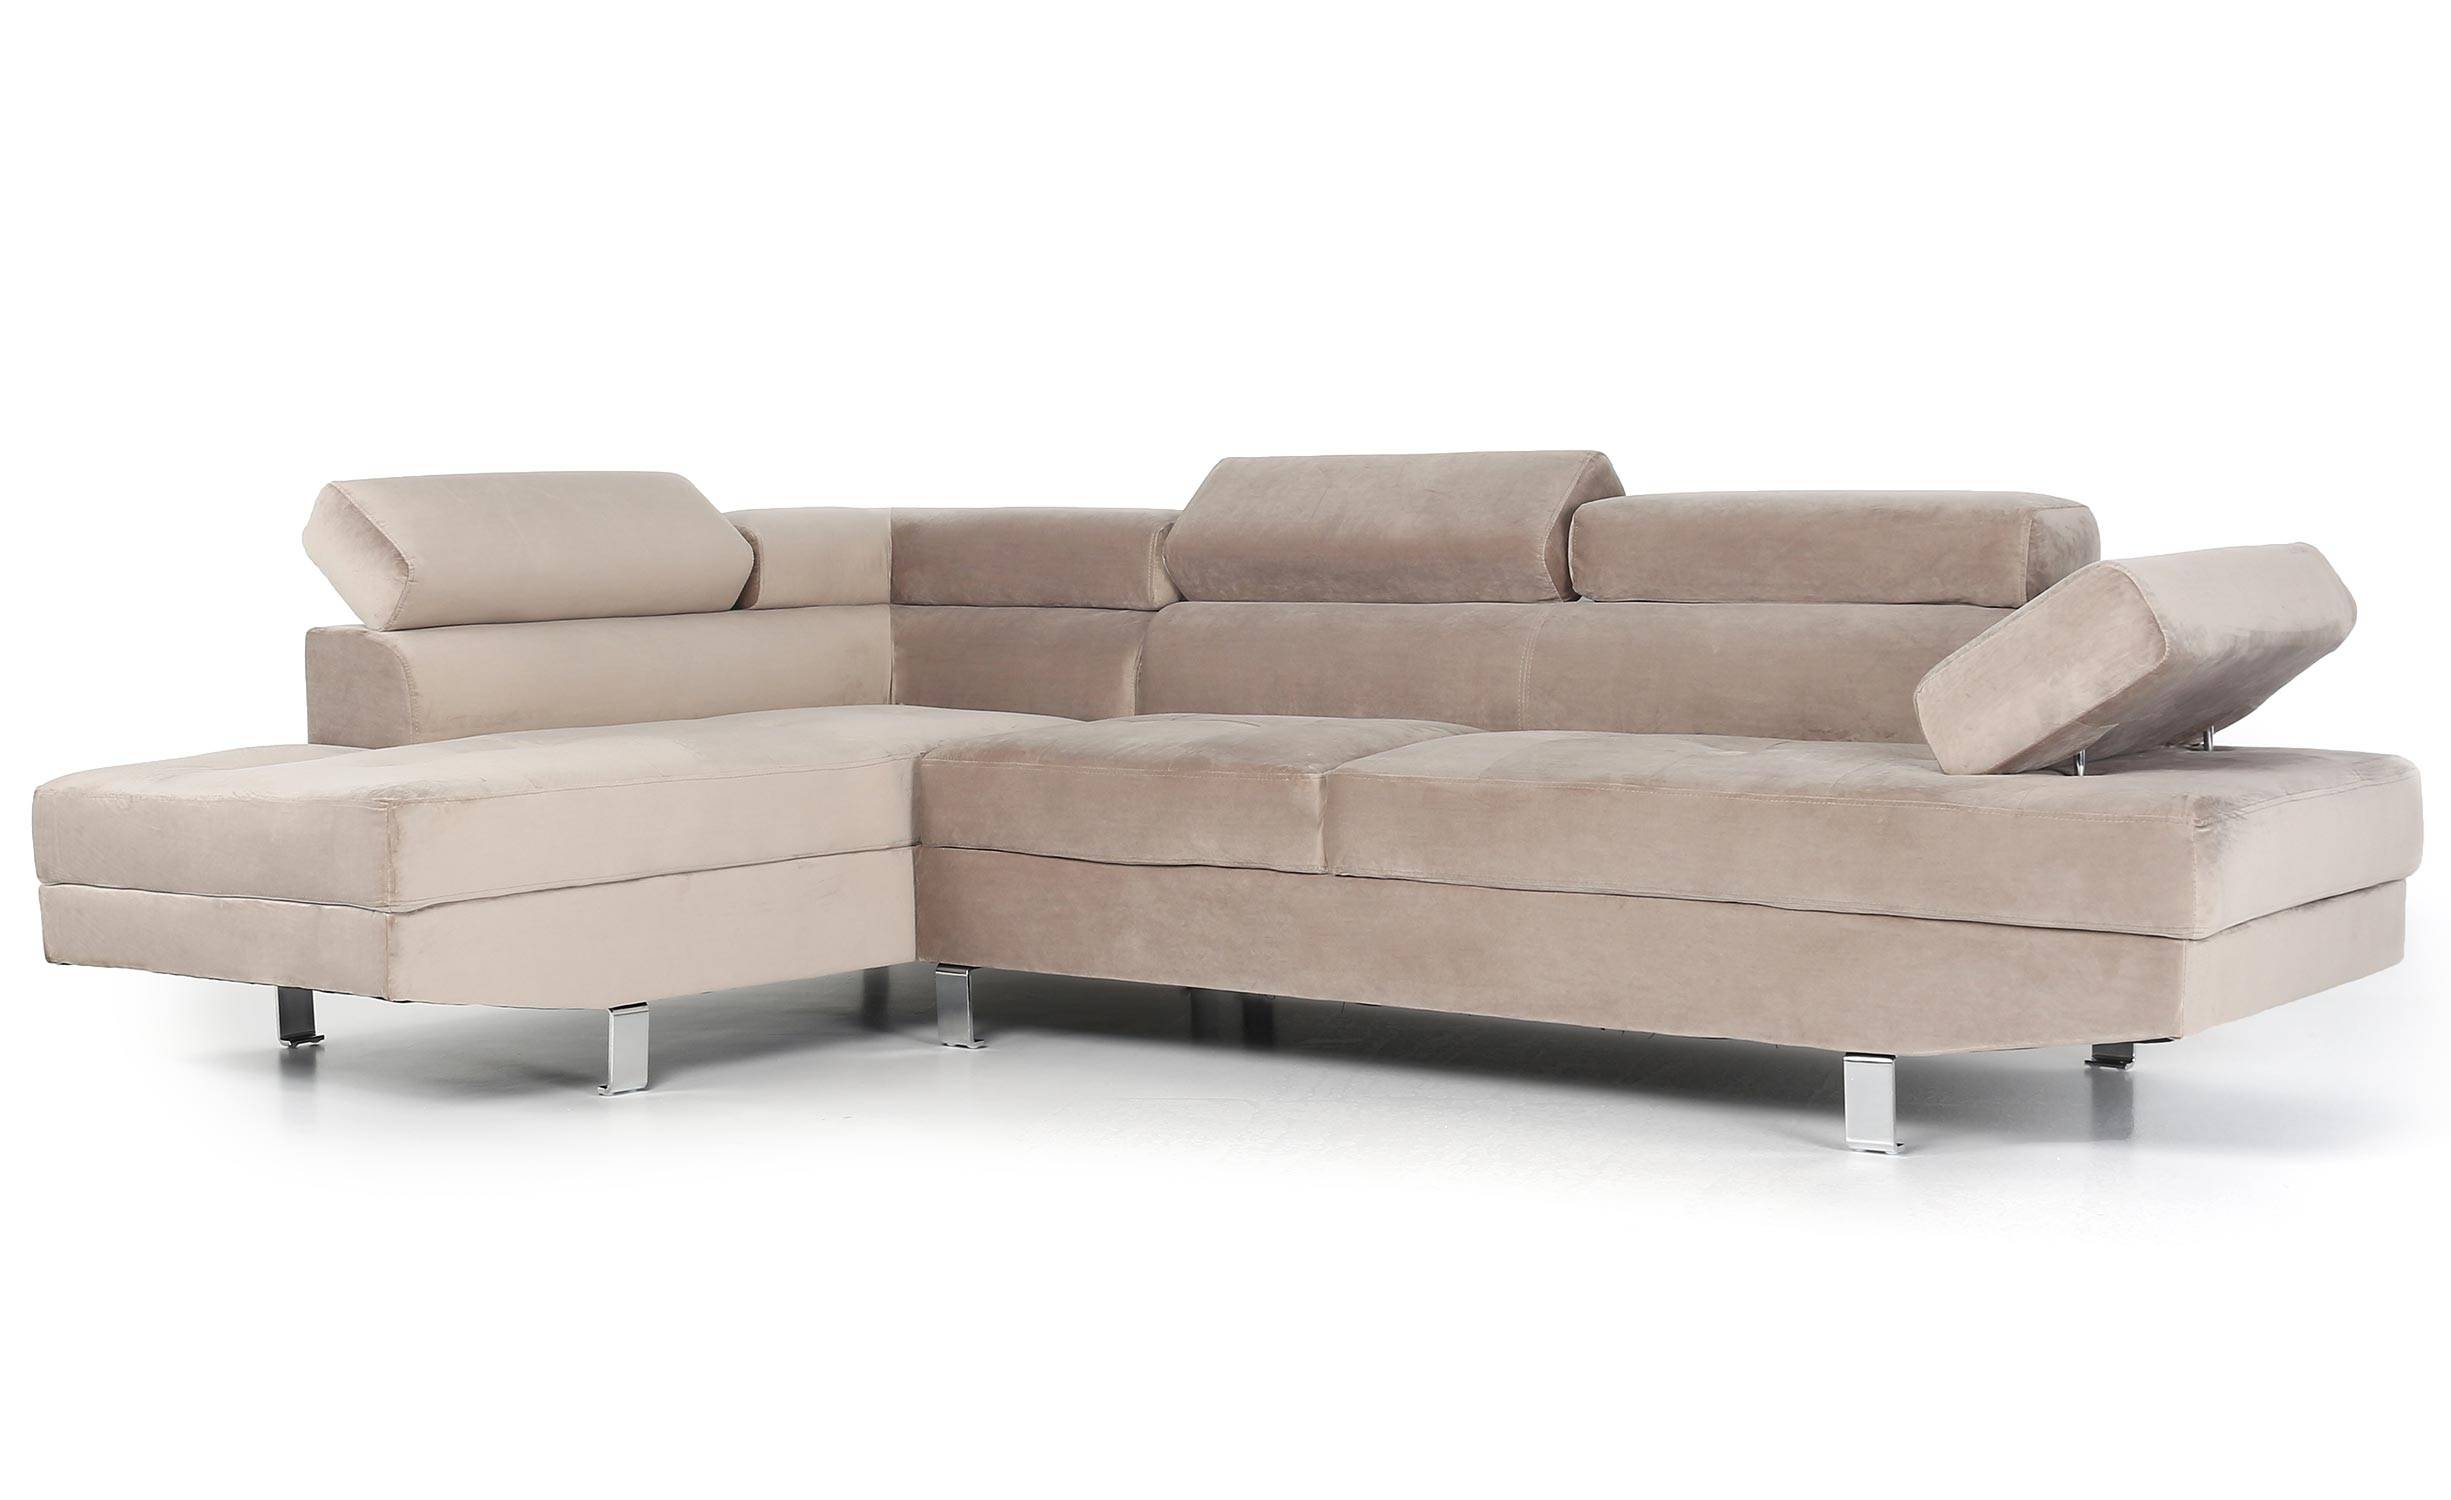 Canapé d'angle avec têtières relevables  velours taupe